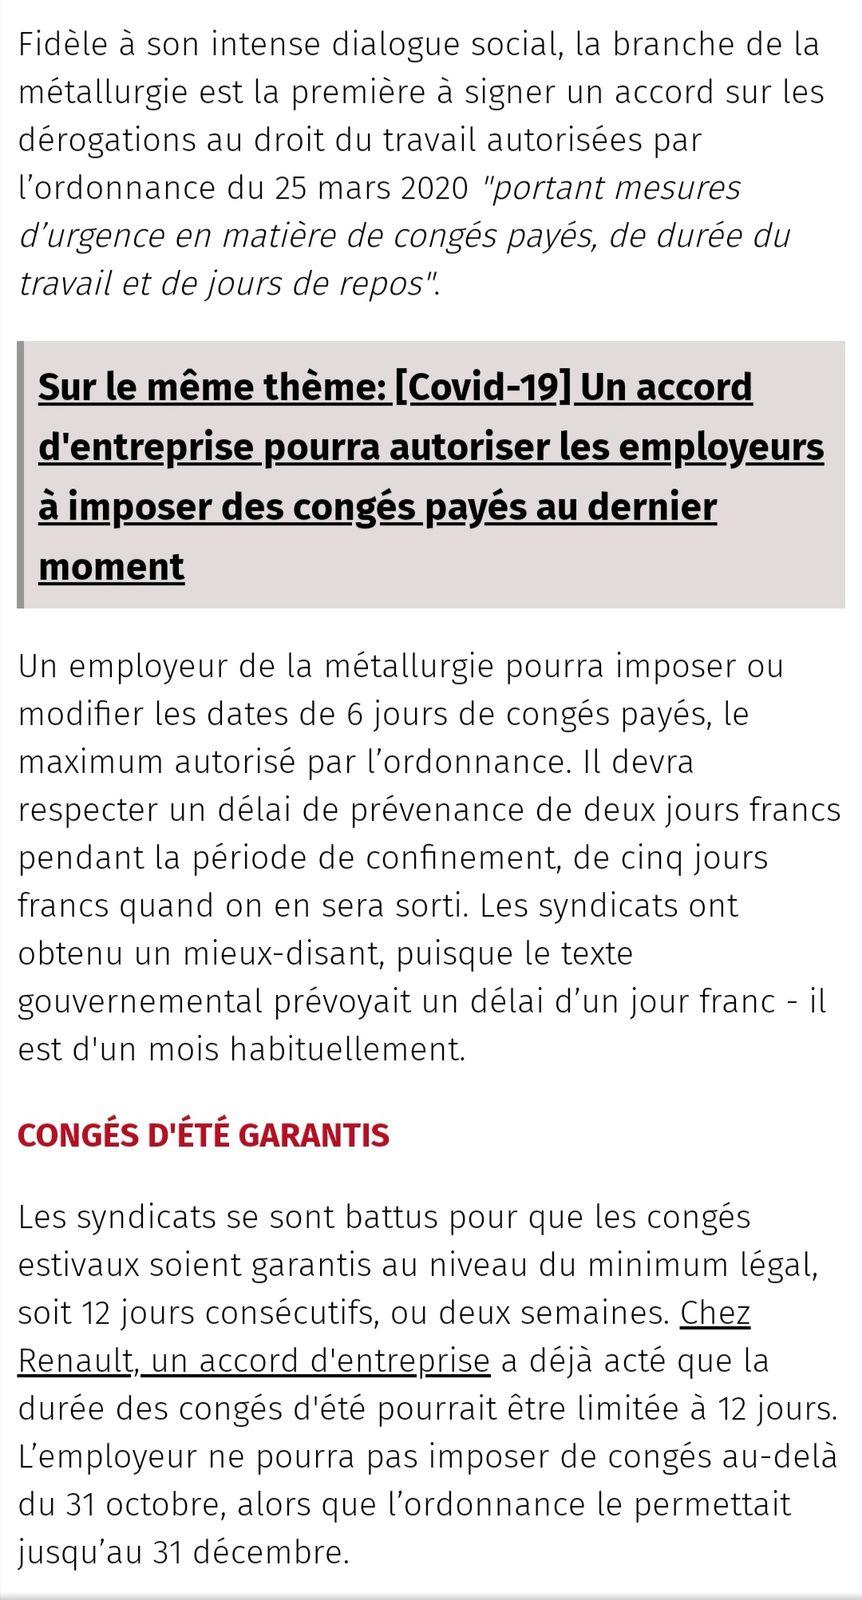 (Covid-19) Les détails de l'accord sur les congés payés imposés dans la métallurgie.